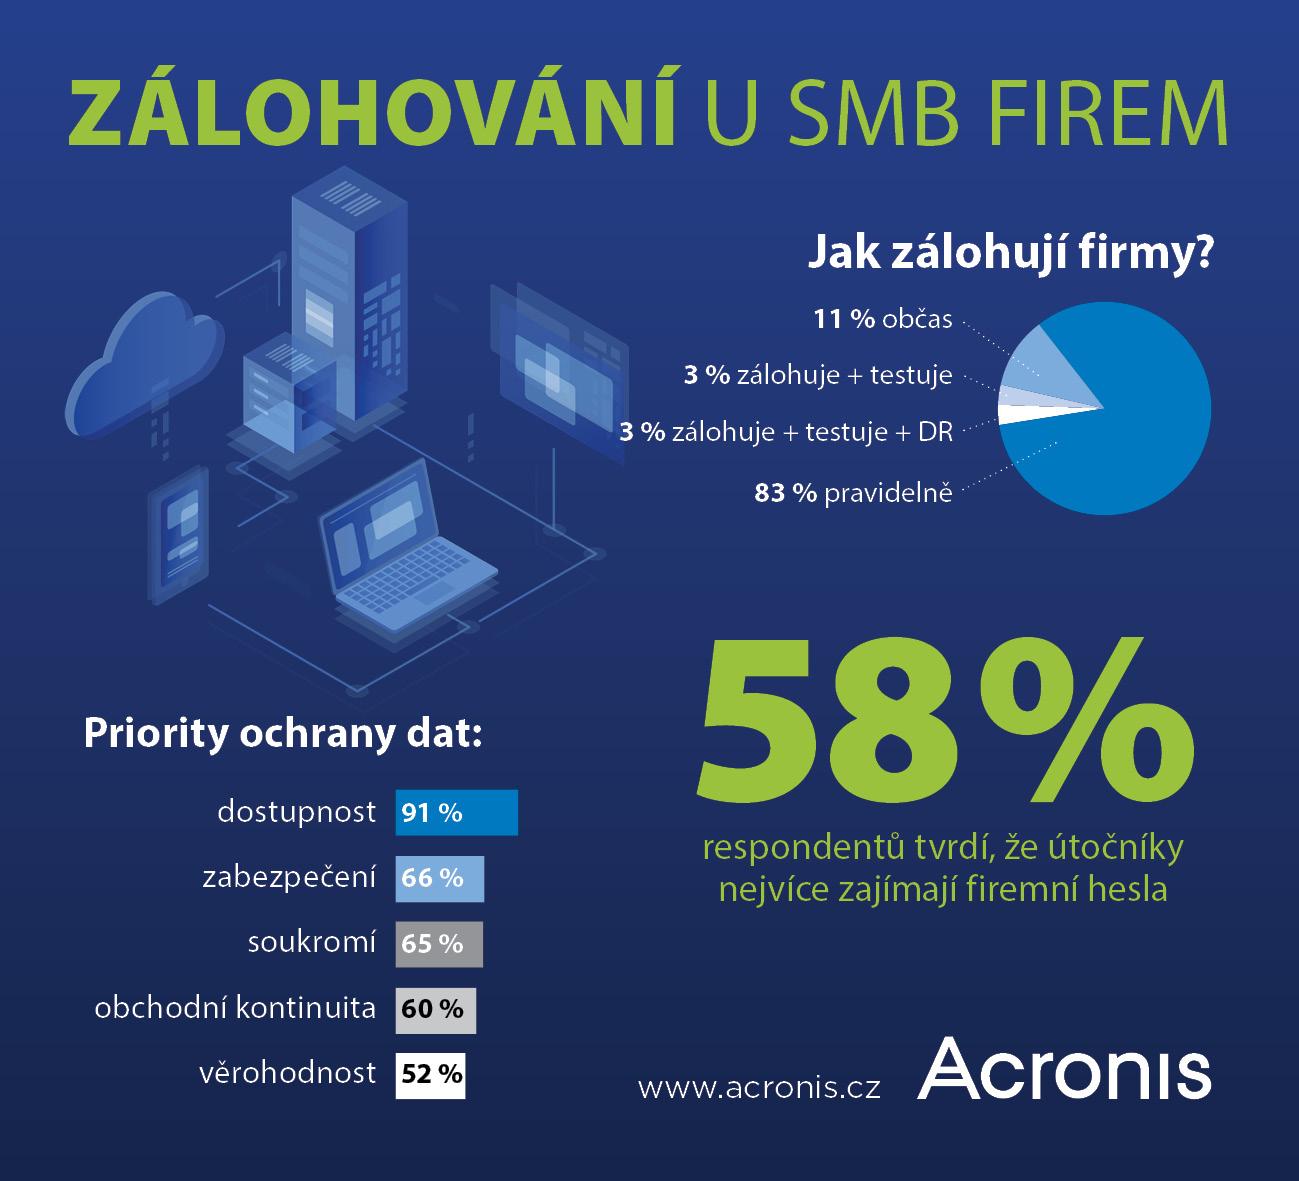 Acronis, zálohování uSMB firem